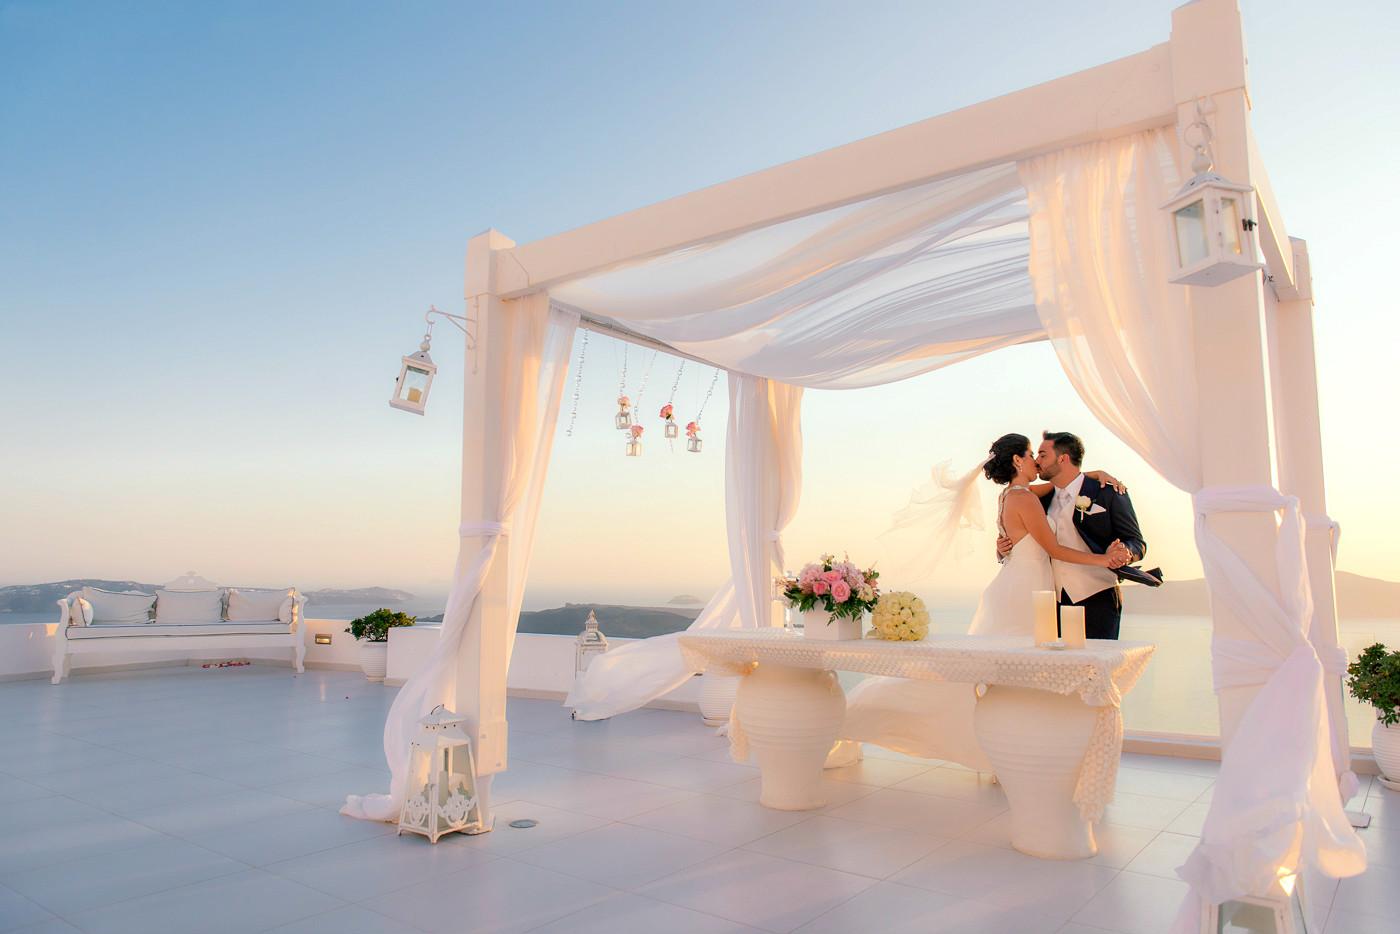 艾格蓝宝希腊圣托里尼婚礼